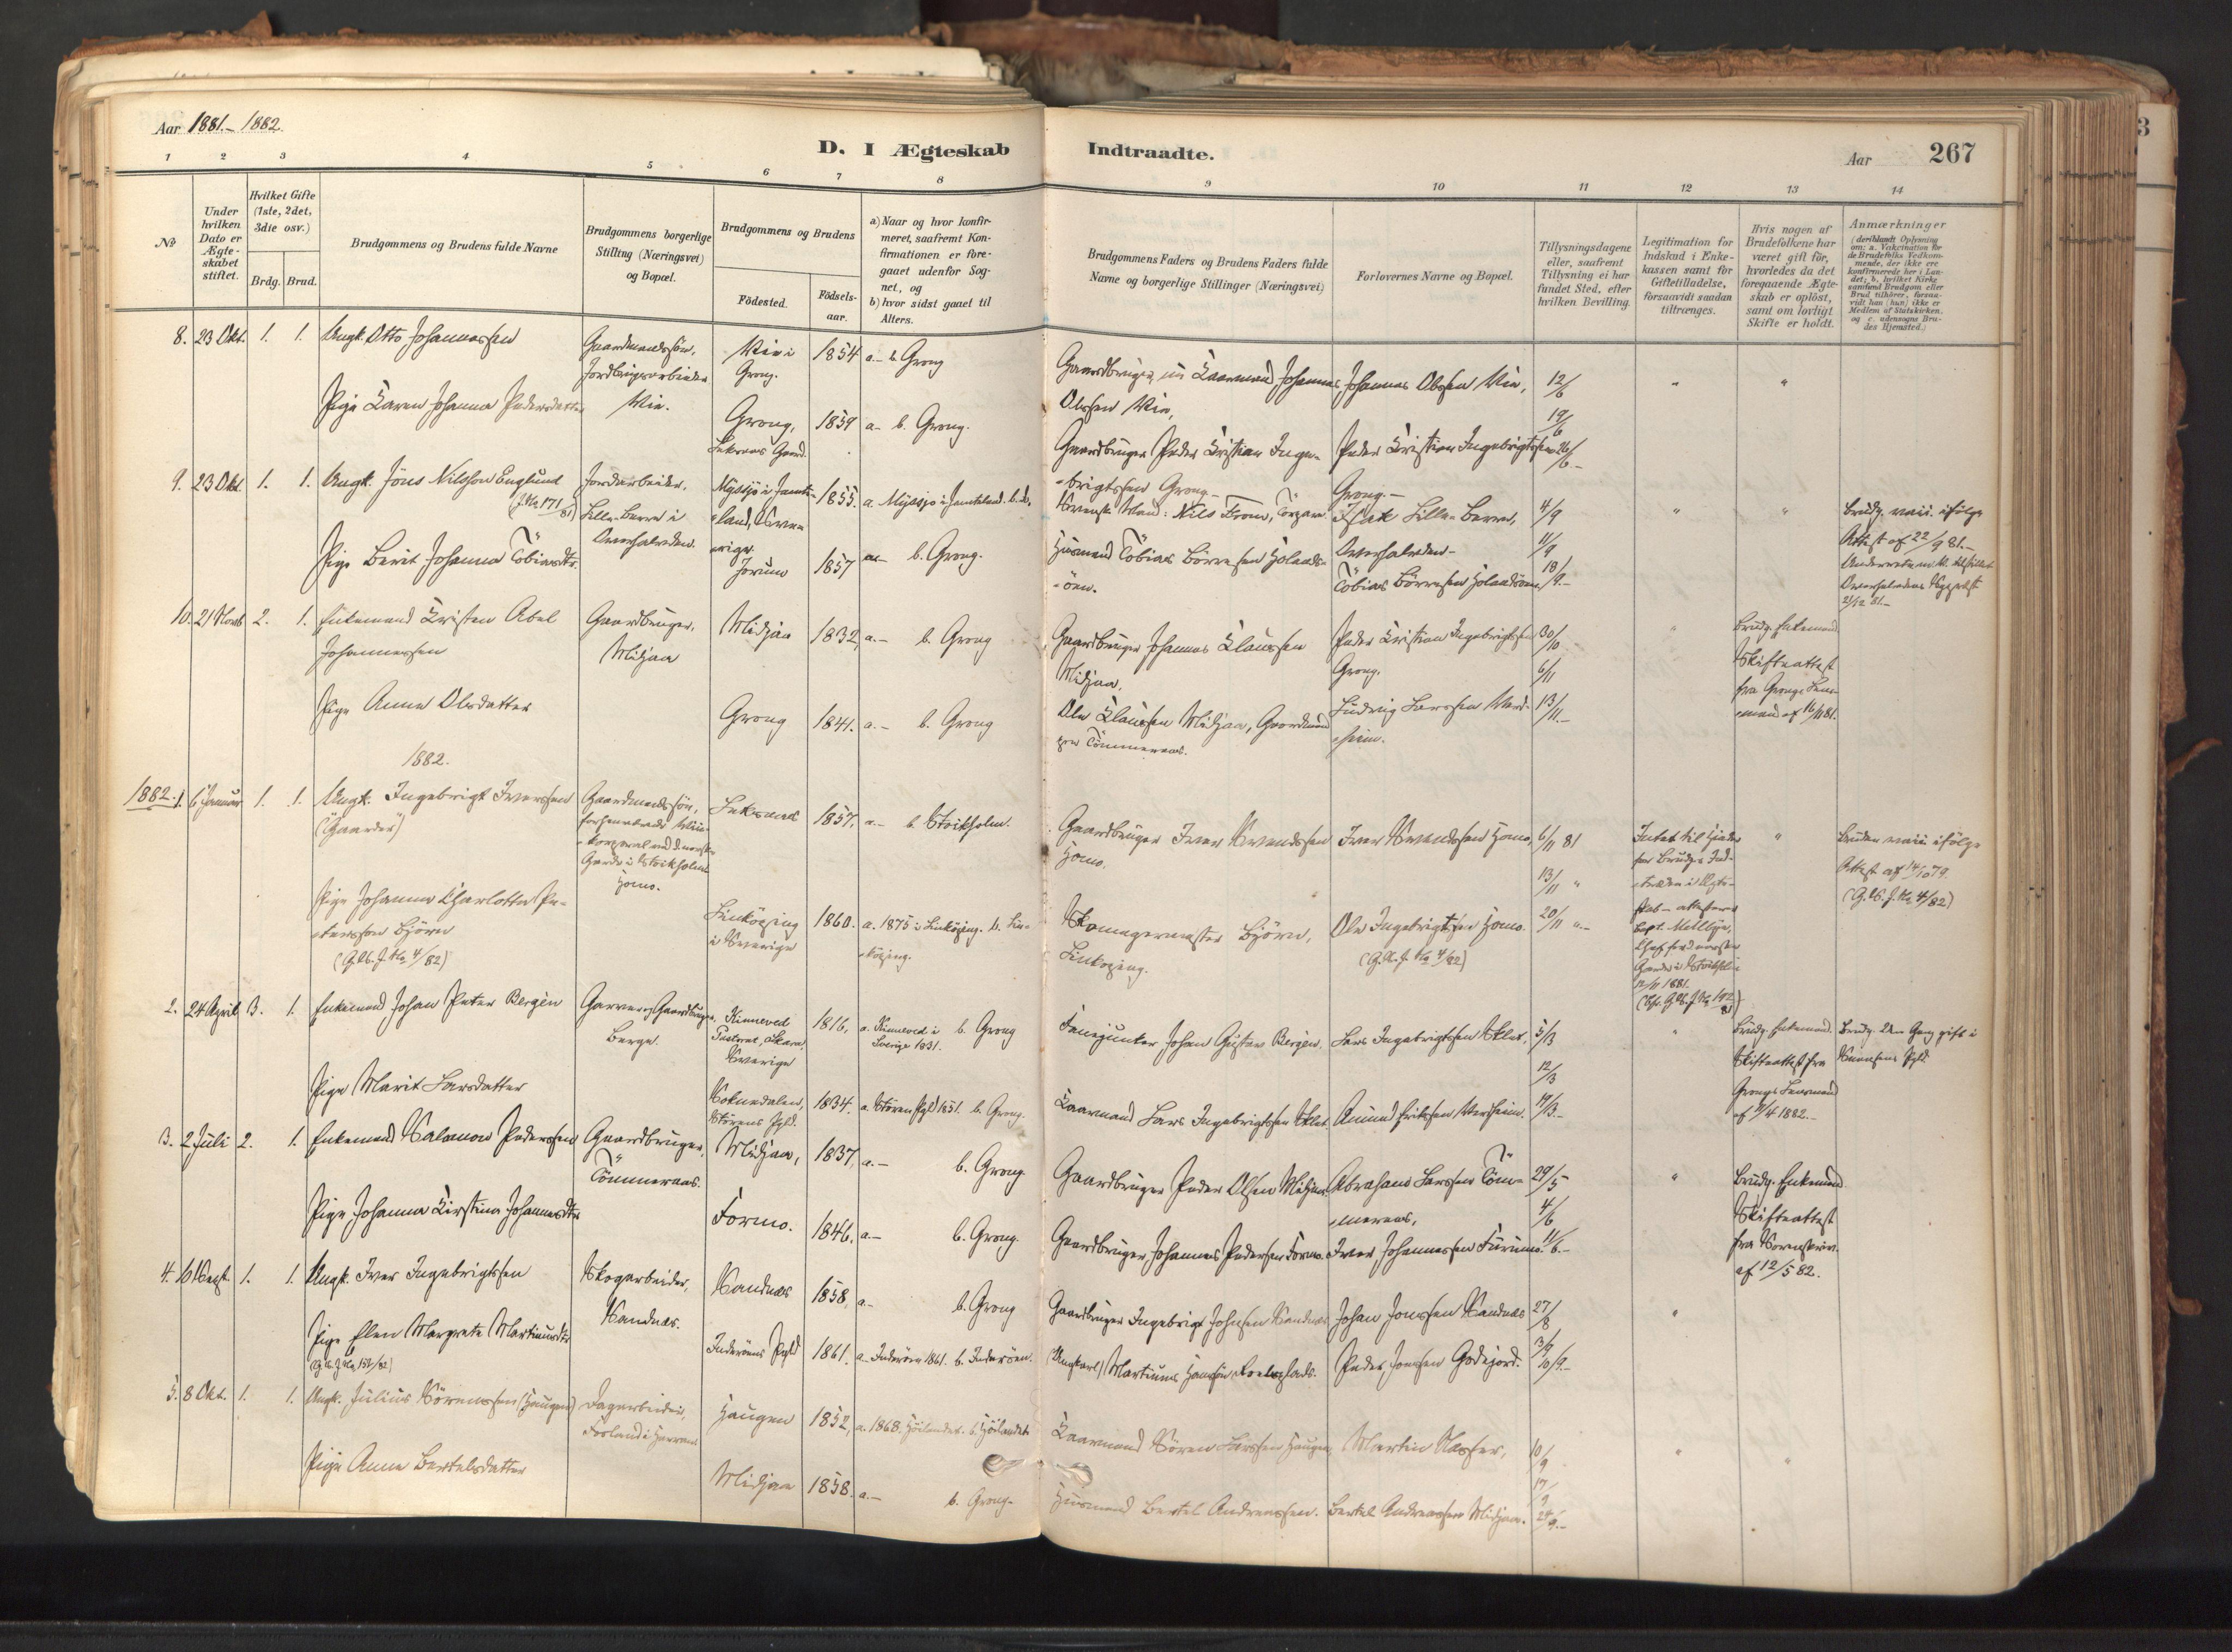 SAT, Ministerialprotokoller, klokkerbøker og fødselsregistre - Nord-Trøndelag, 758/L0519: Ministerialbok nr. 758A04, 1880-1926, s. 267